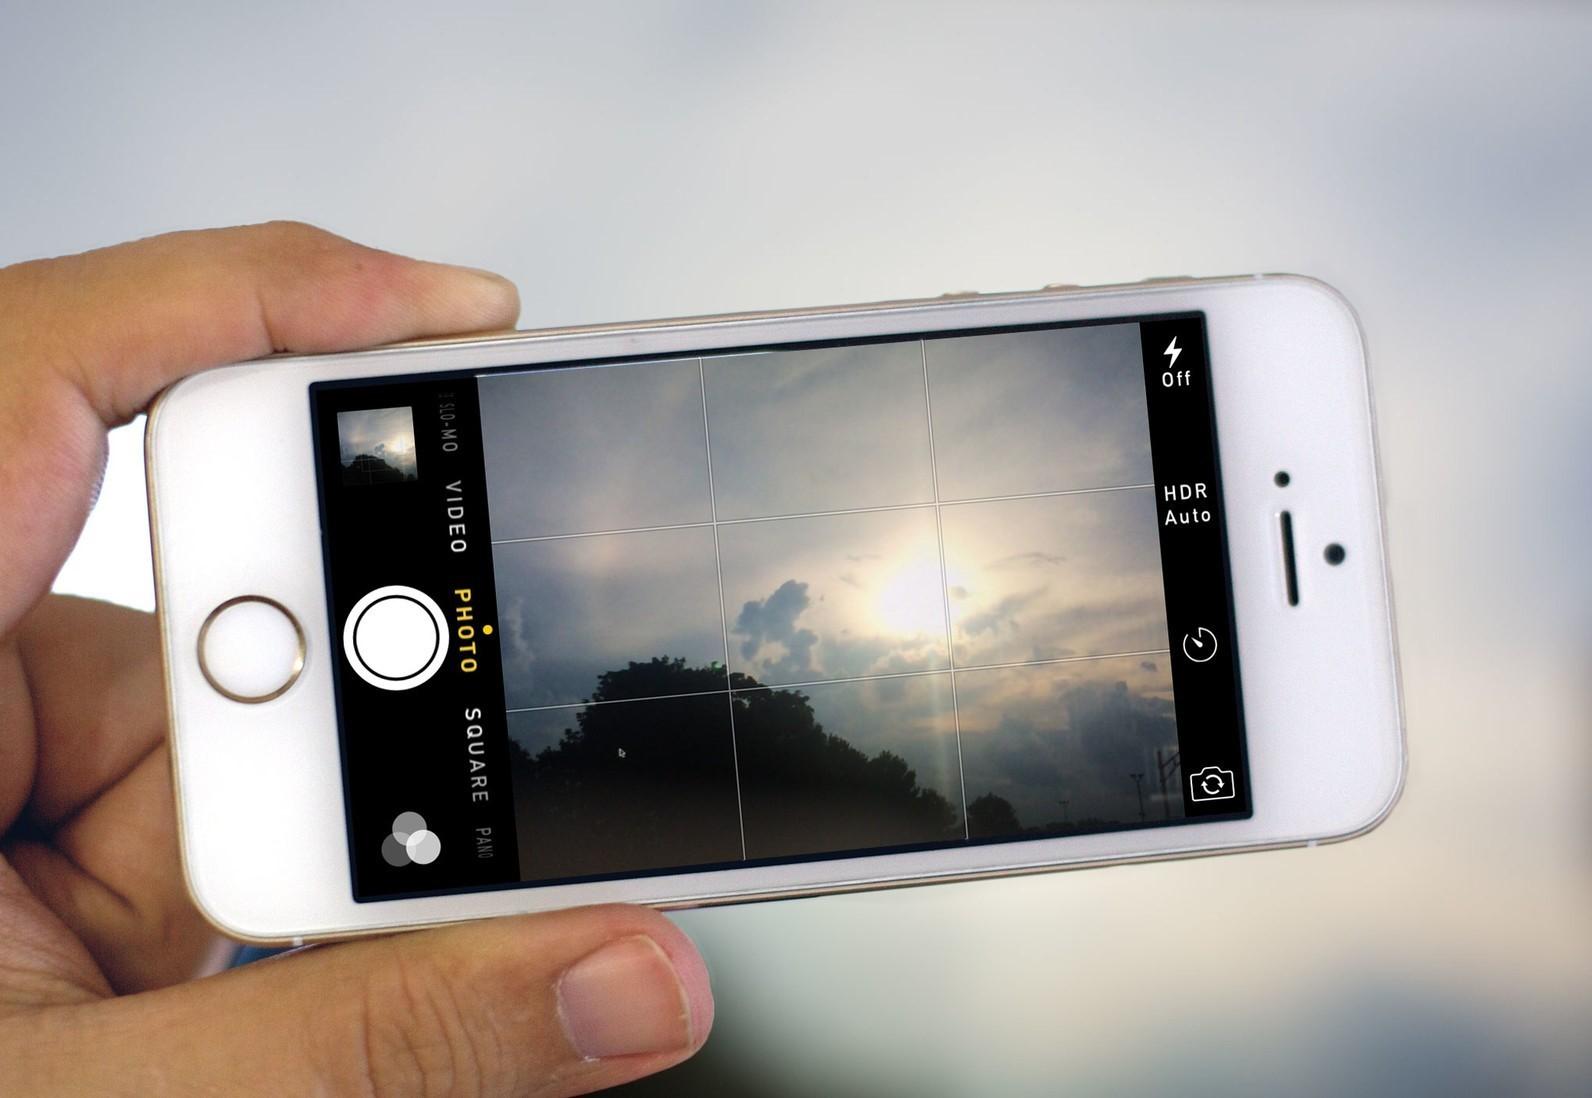 Các ứng dụng chụp ảnh tốt nhất cho điện thoại của bạn